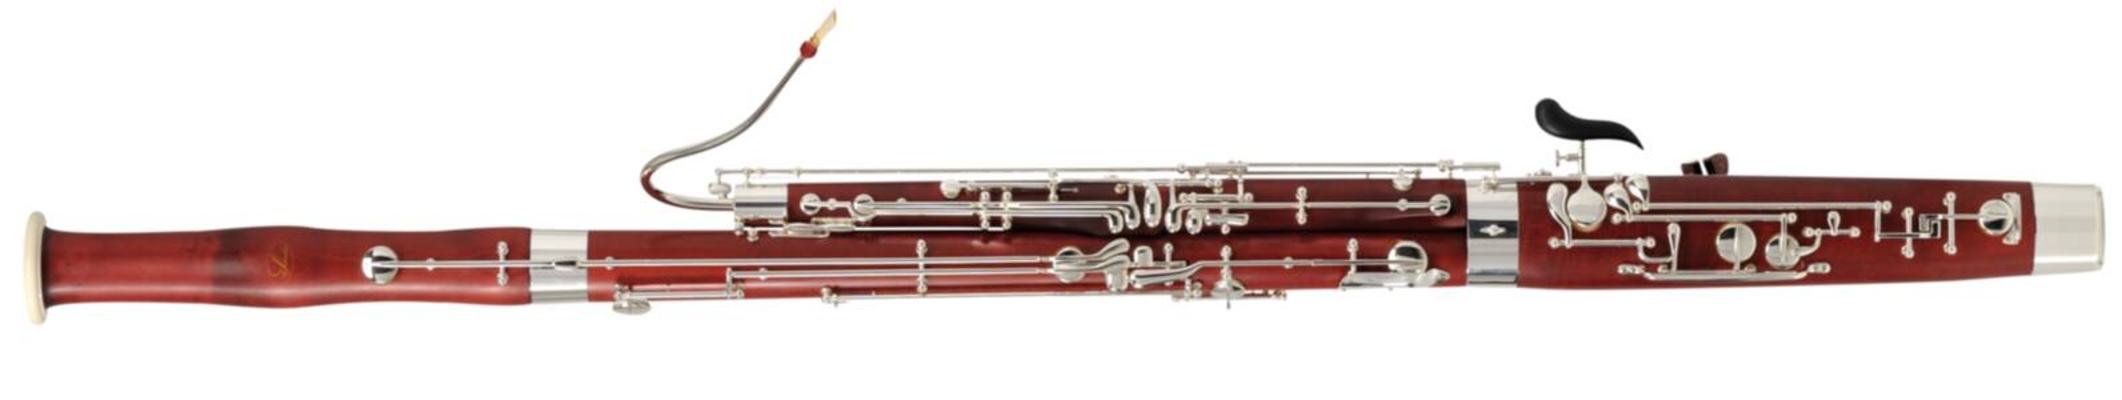 Schreiber S16, bois dérable, 25 clés, 2ème Sib, verrou de piano, trille de Do#, 2 bocaux (KER1 & 2), argenté- en étui